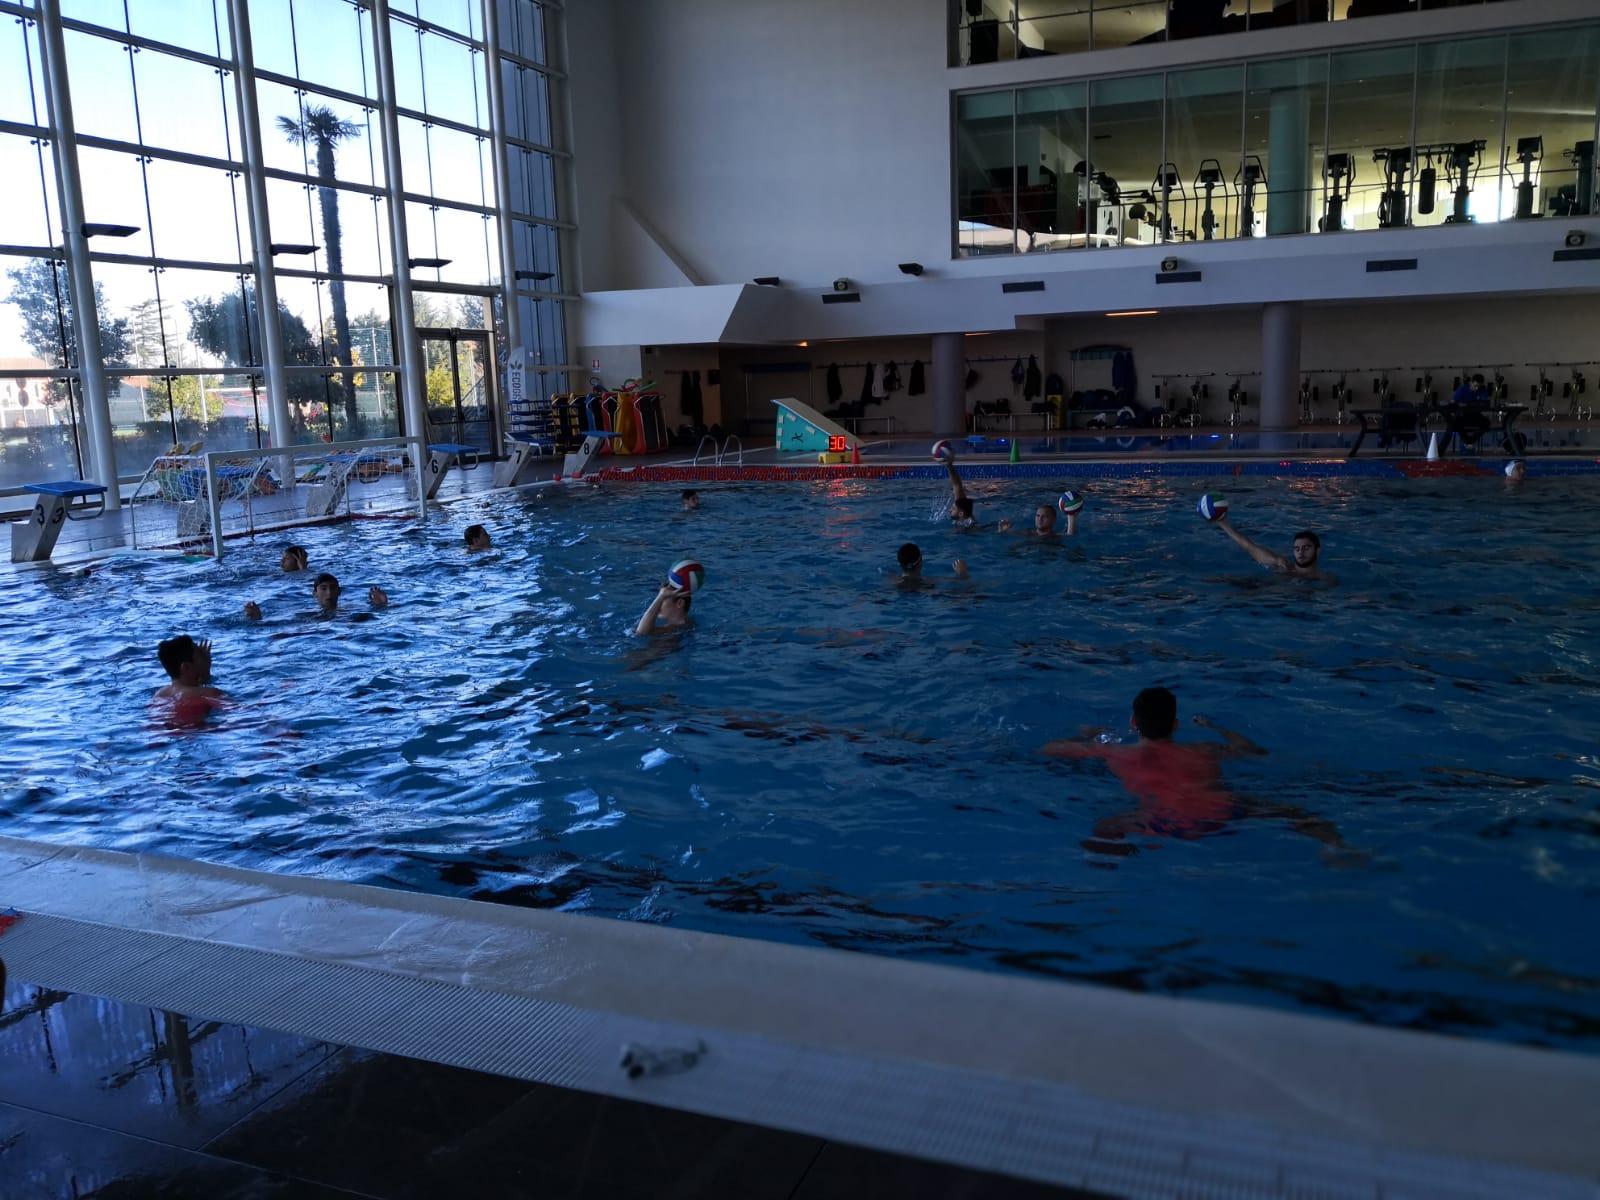 Iniziata tra mille difficolt la stagione dell ossidiana - Torre del grifo piscina ...